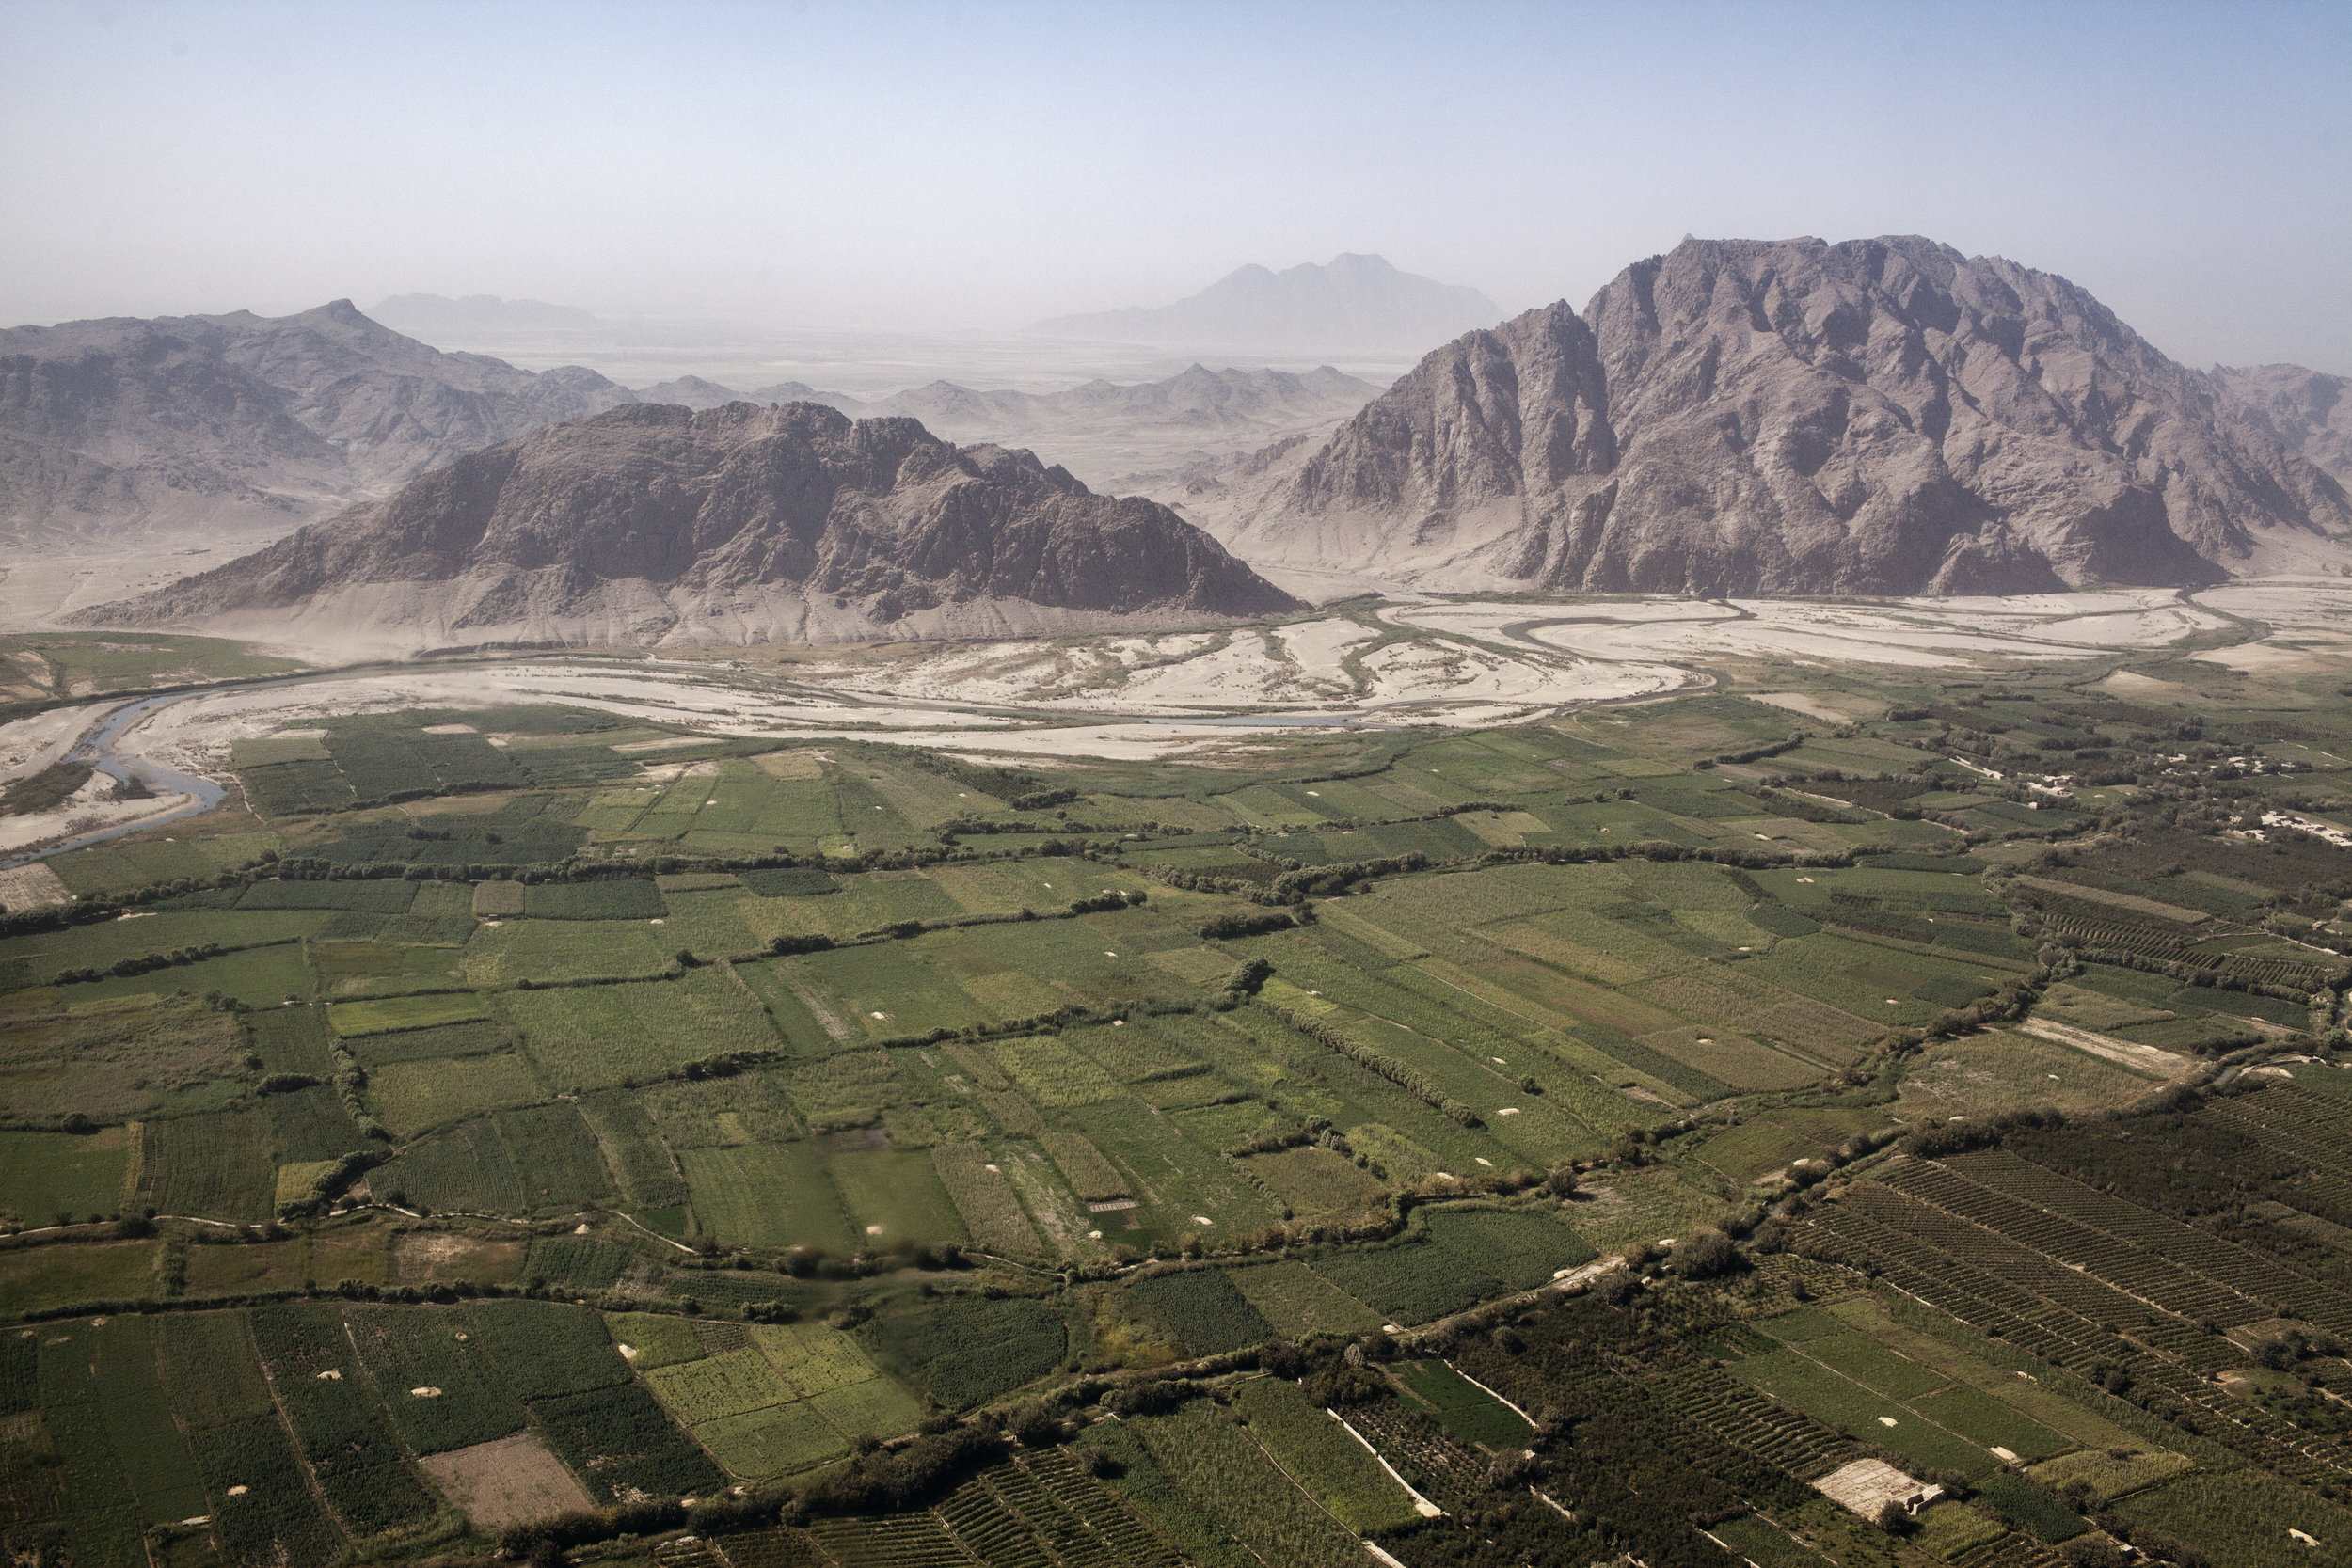 Sebastian_Meyer_Afghanistan_09.jpg